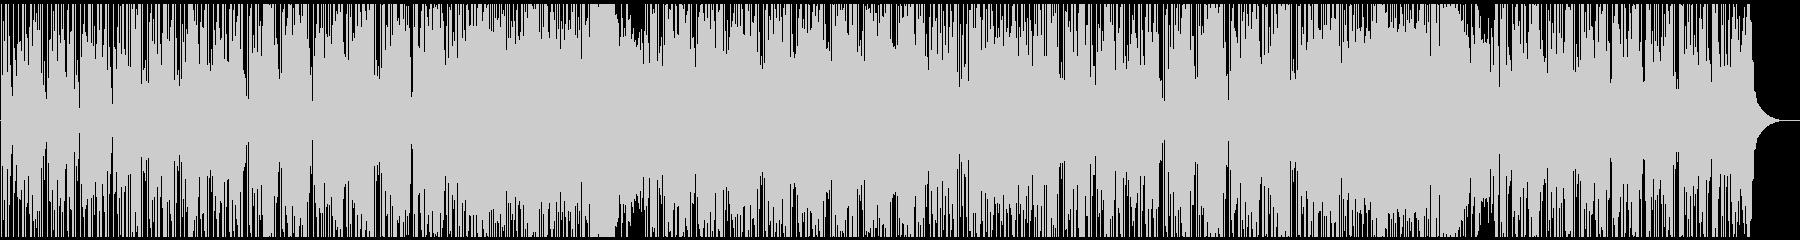 スタイリッシュなギターロックファンクの未再生の波形